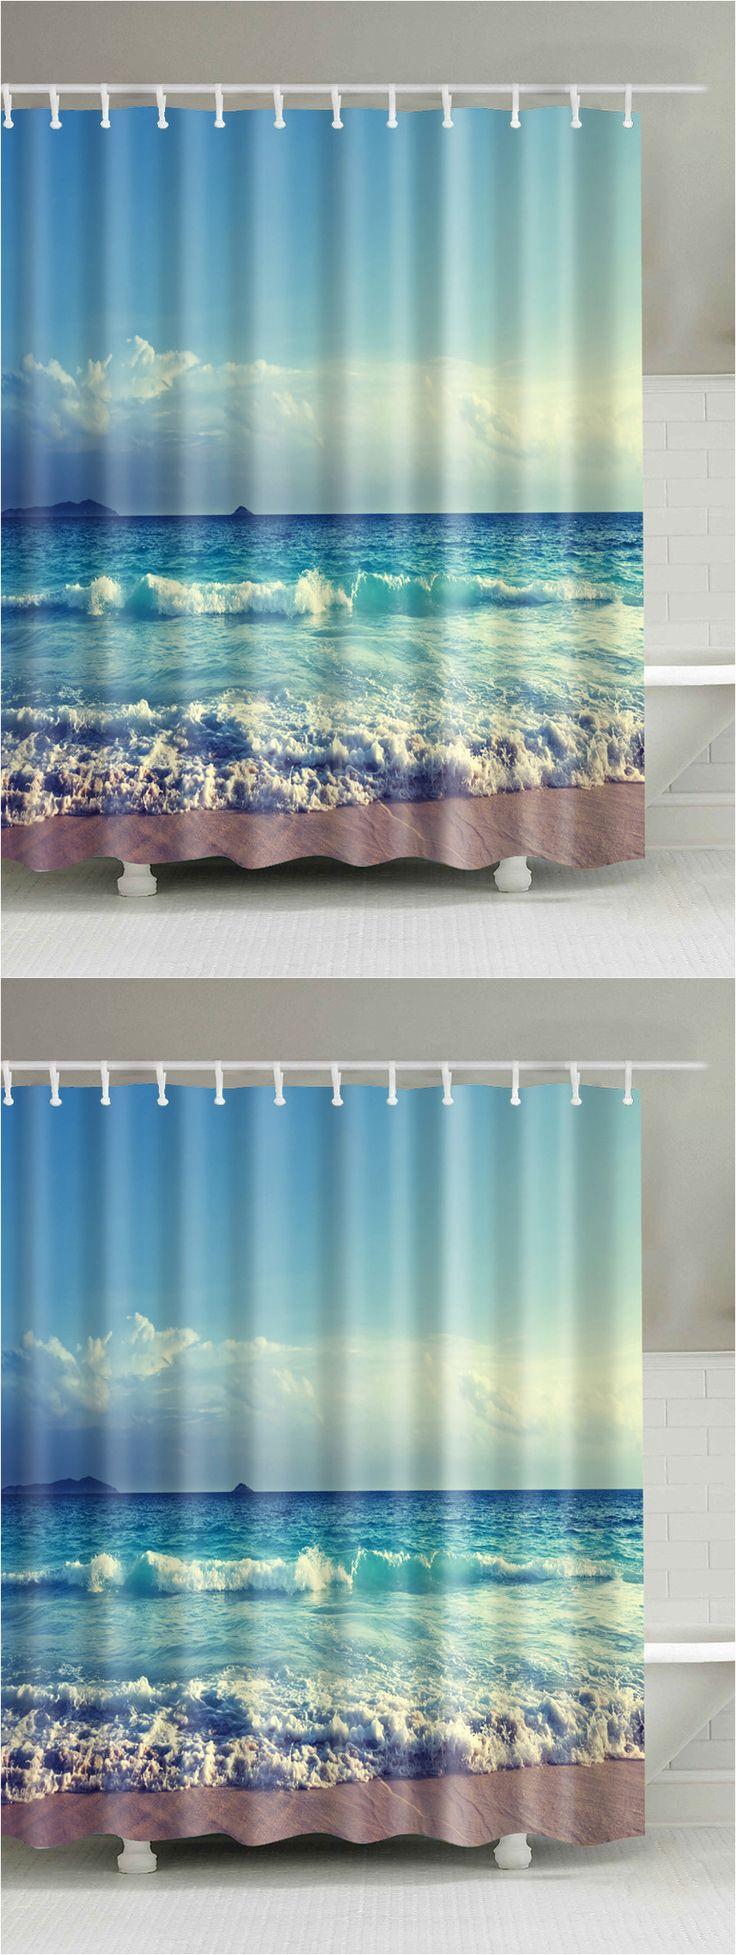 $17.25 Ocean Print Waterproof Mouldproof Shower Curtain